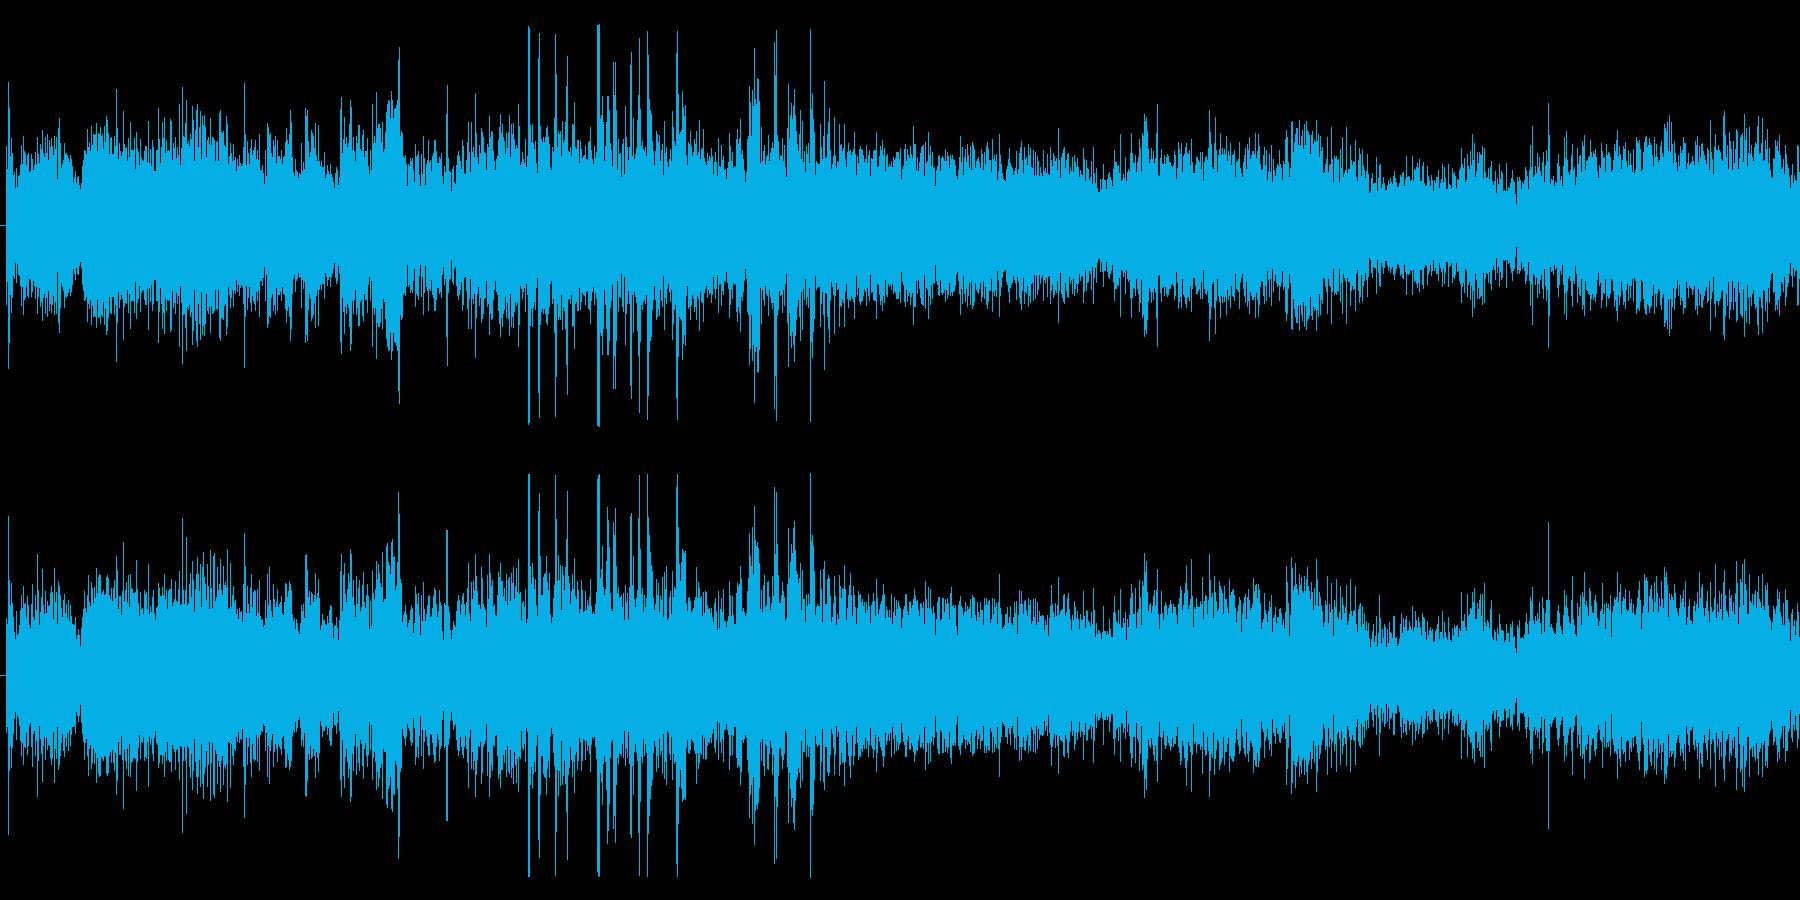 タンク 中程度の非定常損傷01の再生済みの波形